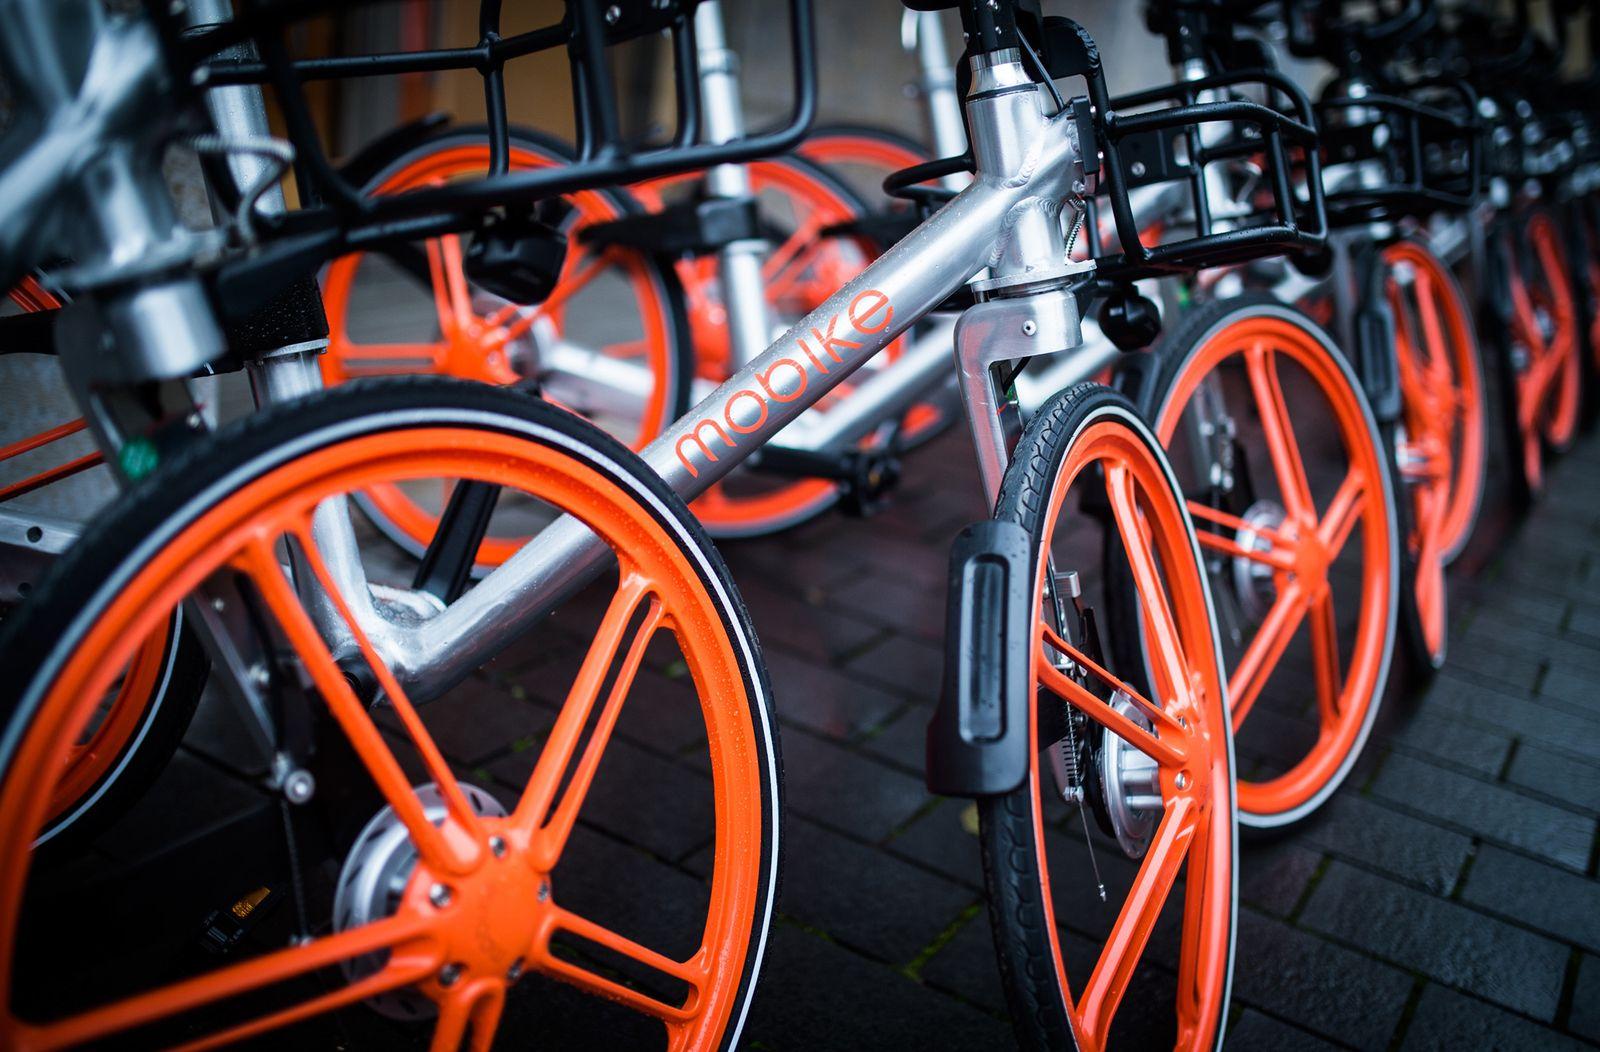 Bike-Sharing / Mobike